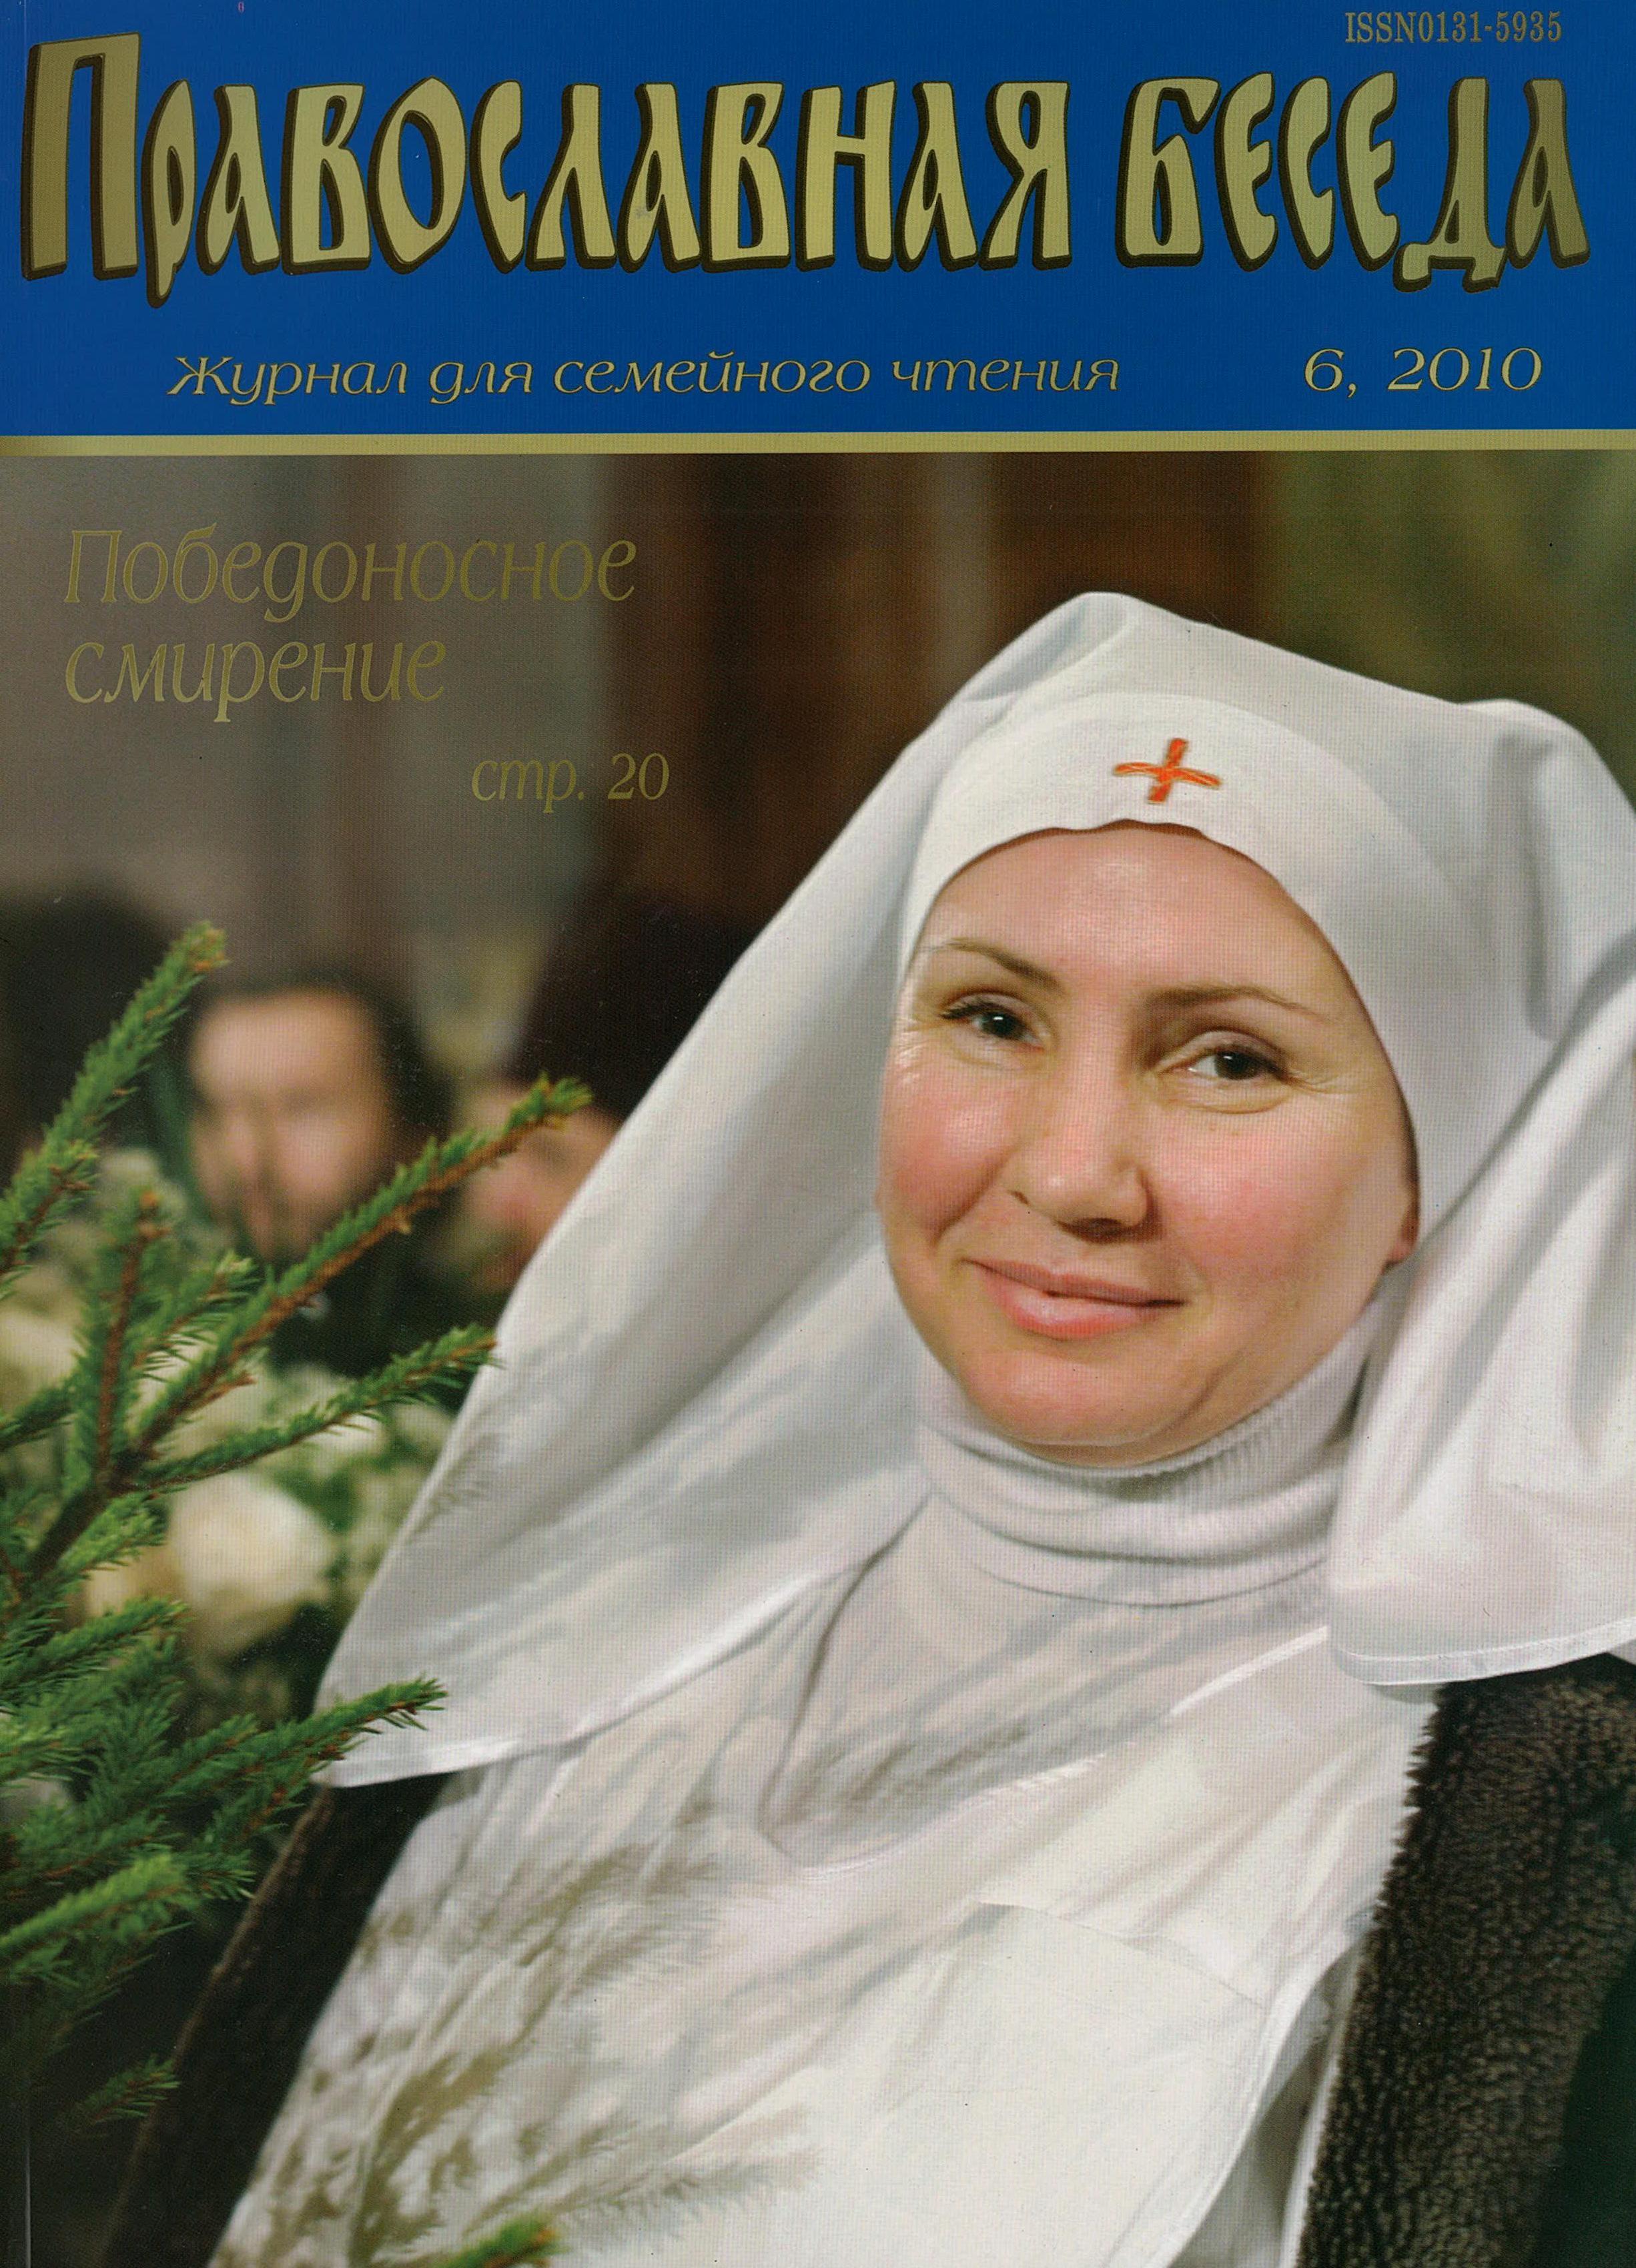 Журнал Православная беседа